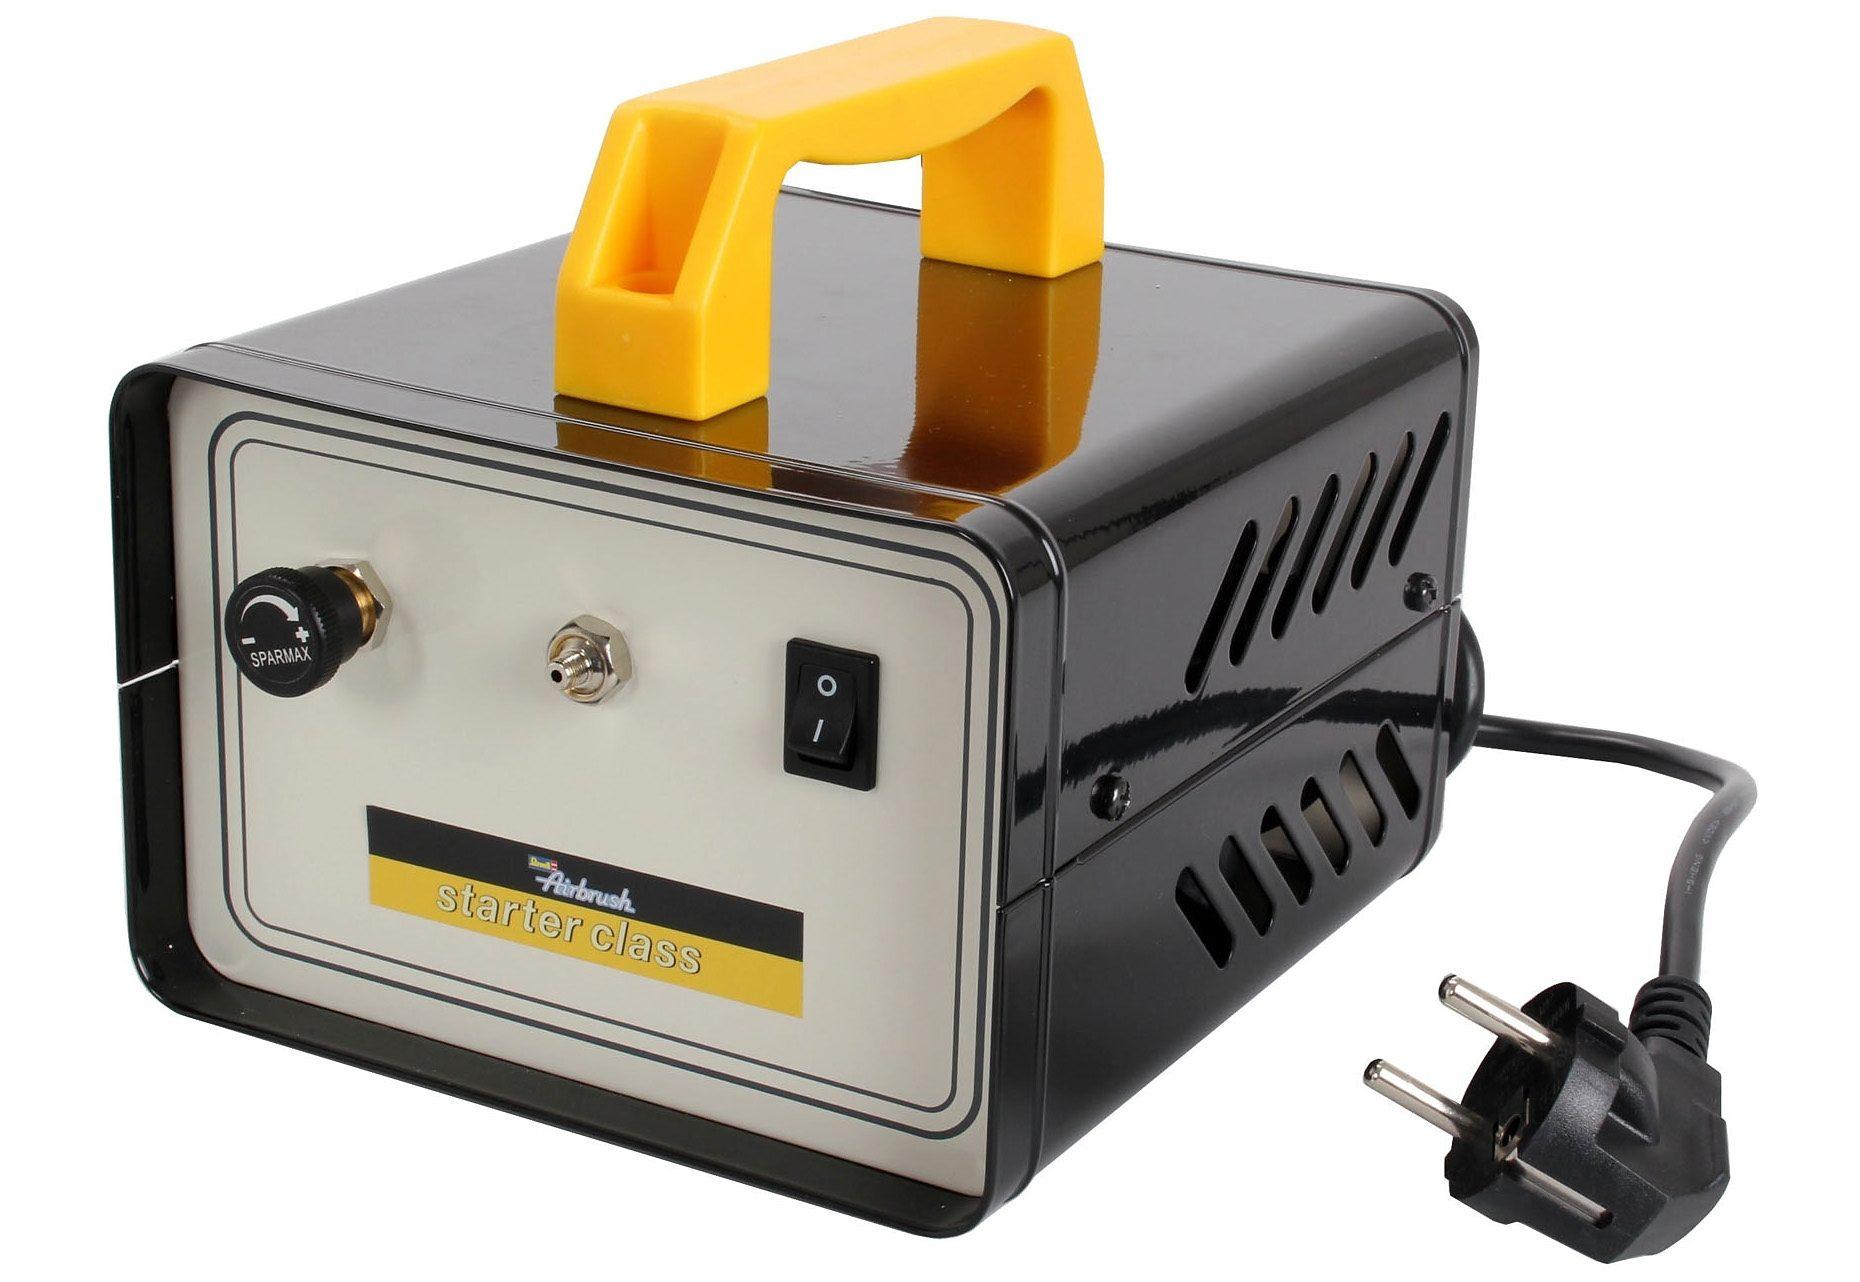 Revell Airbrush Kompressor Starter class Airbrush Kompressor Technik & Freizeit/Spielzeug/Altersempfehlung/Ab 12-15 Jahren